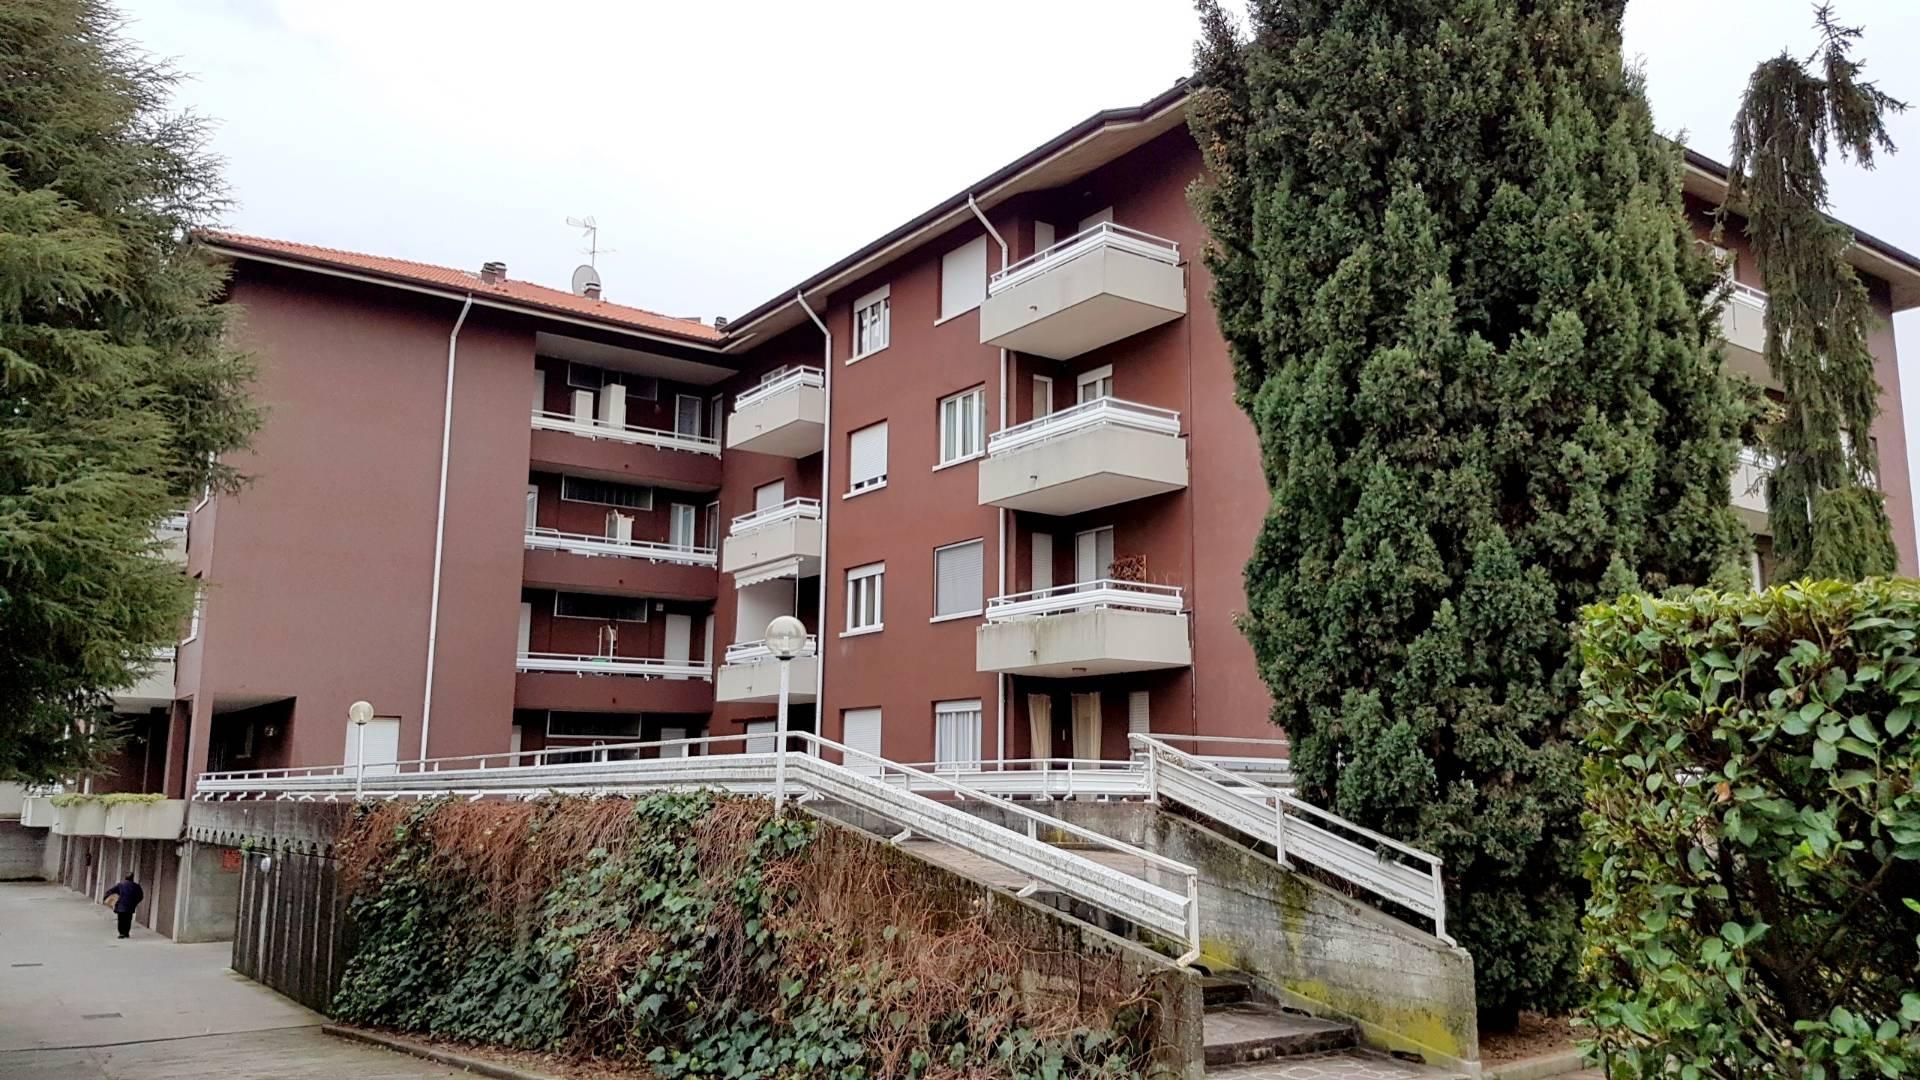 Appartamento in vendita a Cornate d'Adda, 2 locali, prezzo € 45.000 | CambioCasa.it